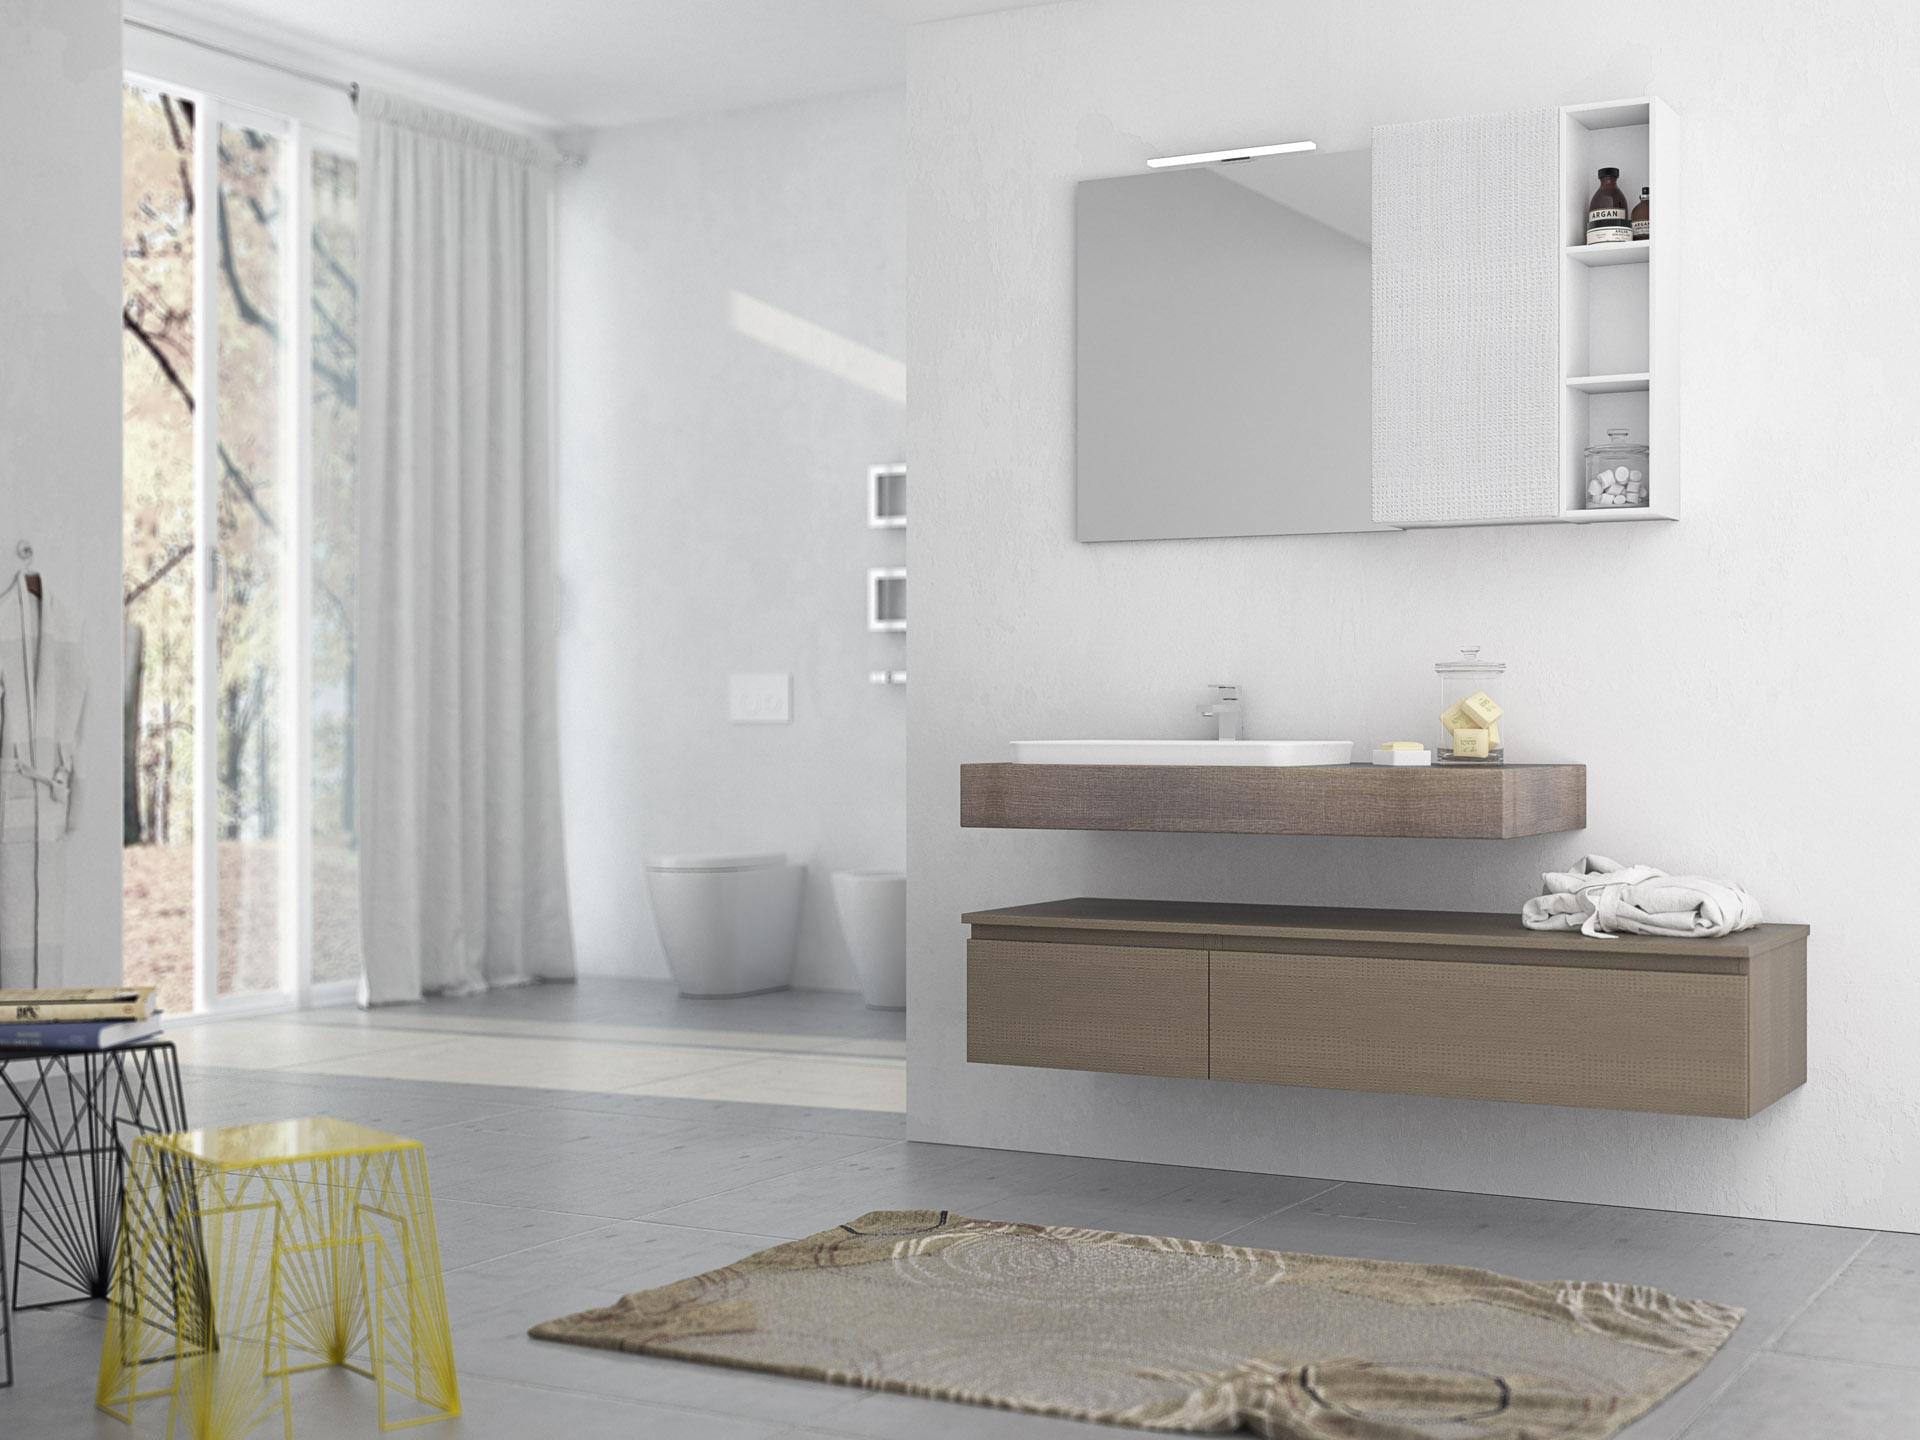 rendering-3d-ambienti-bagno-5